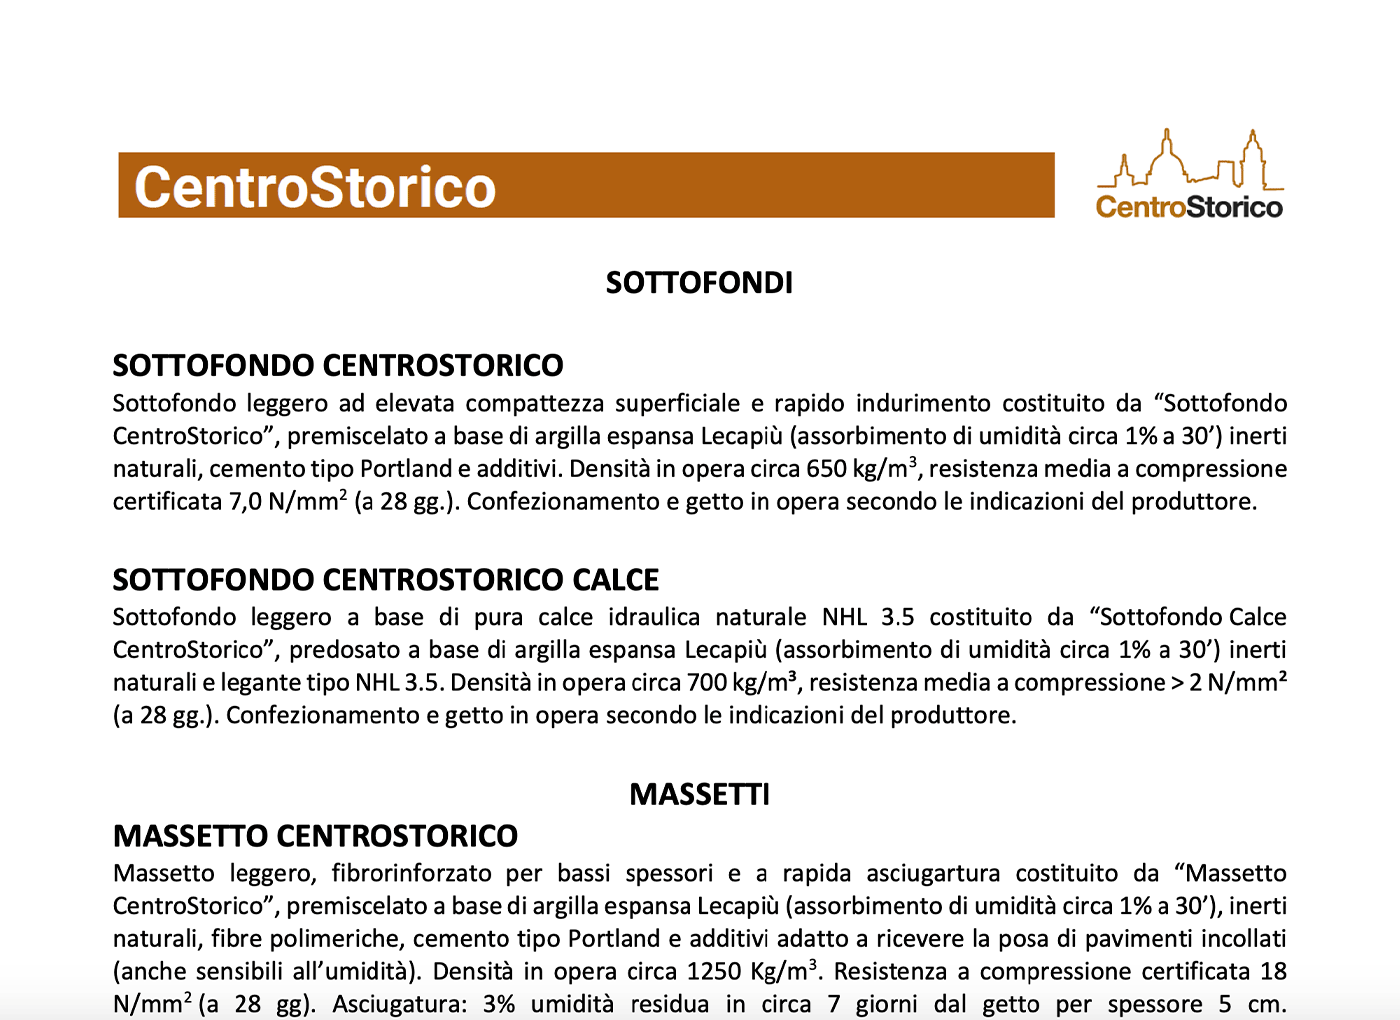 capitolato-centrostorico